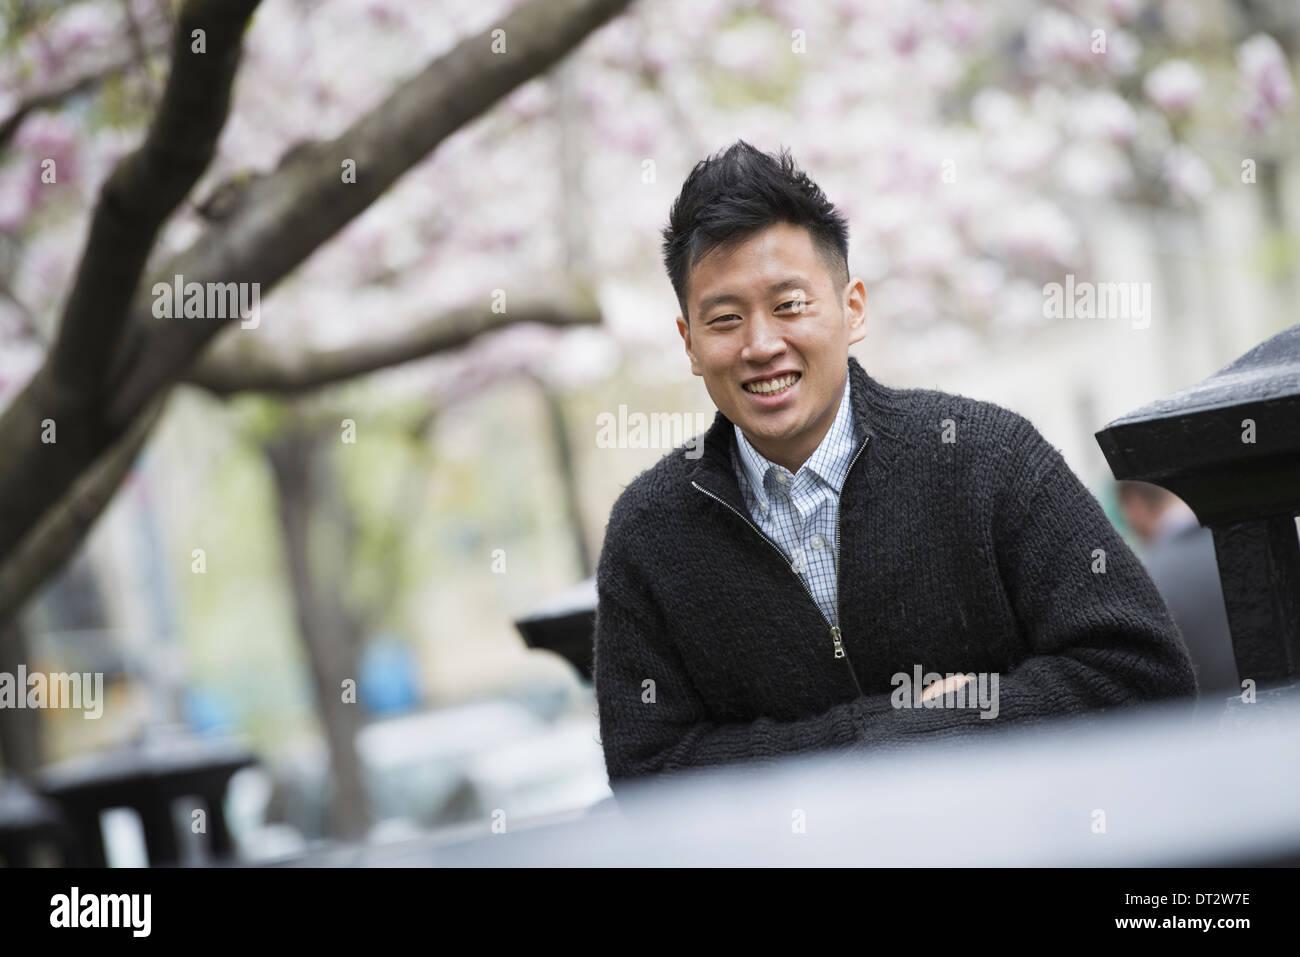 Vue sur cityA jeune homme à l'extérieur dans un parc de la ville assise sur un banc Photo Stock